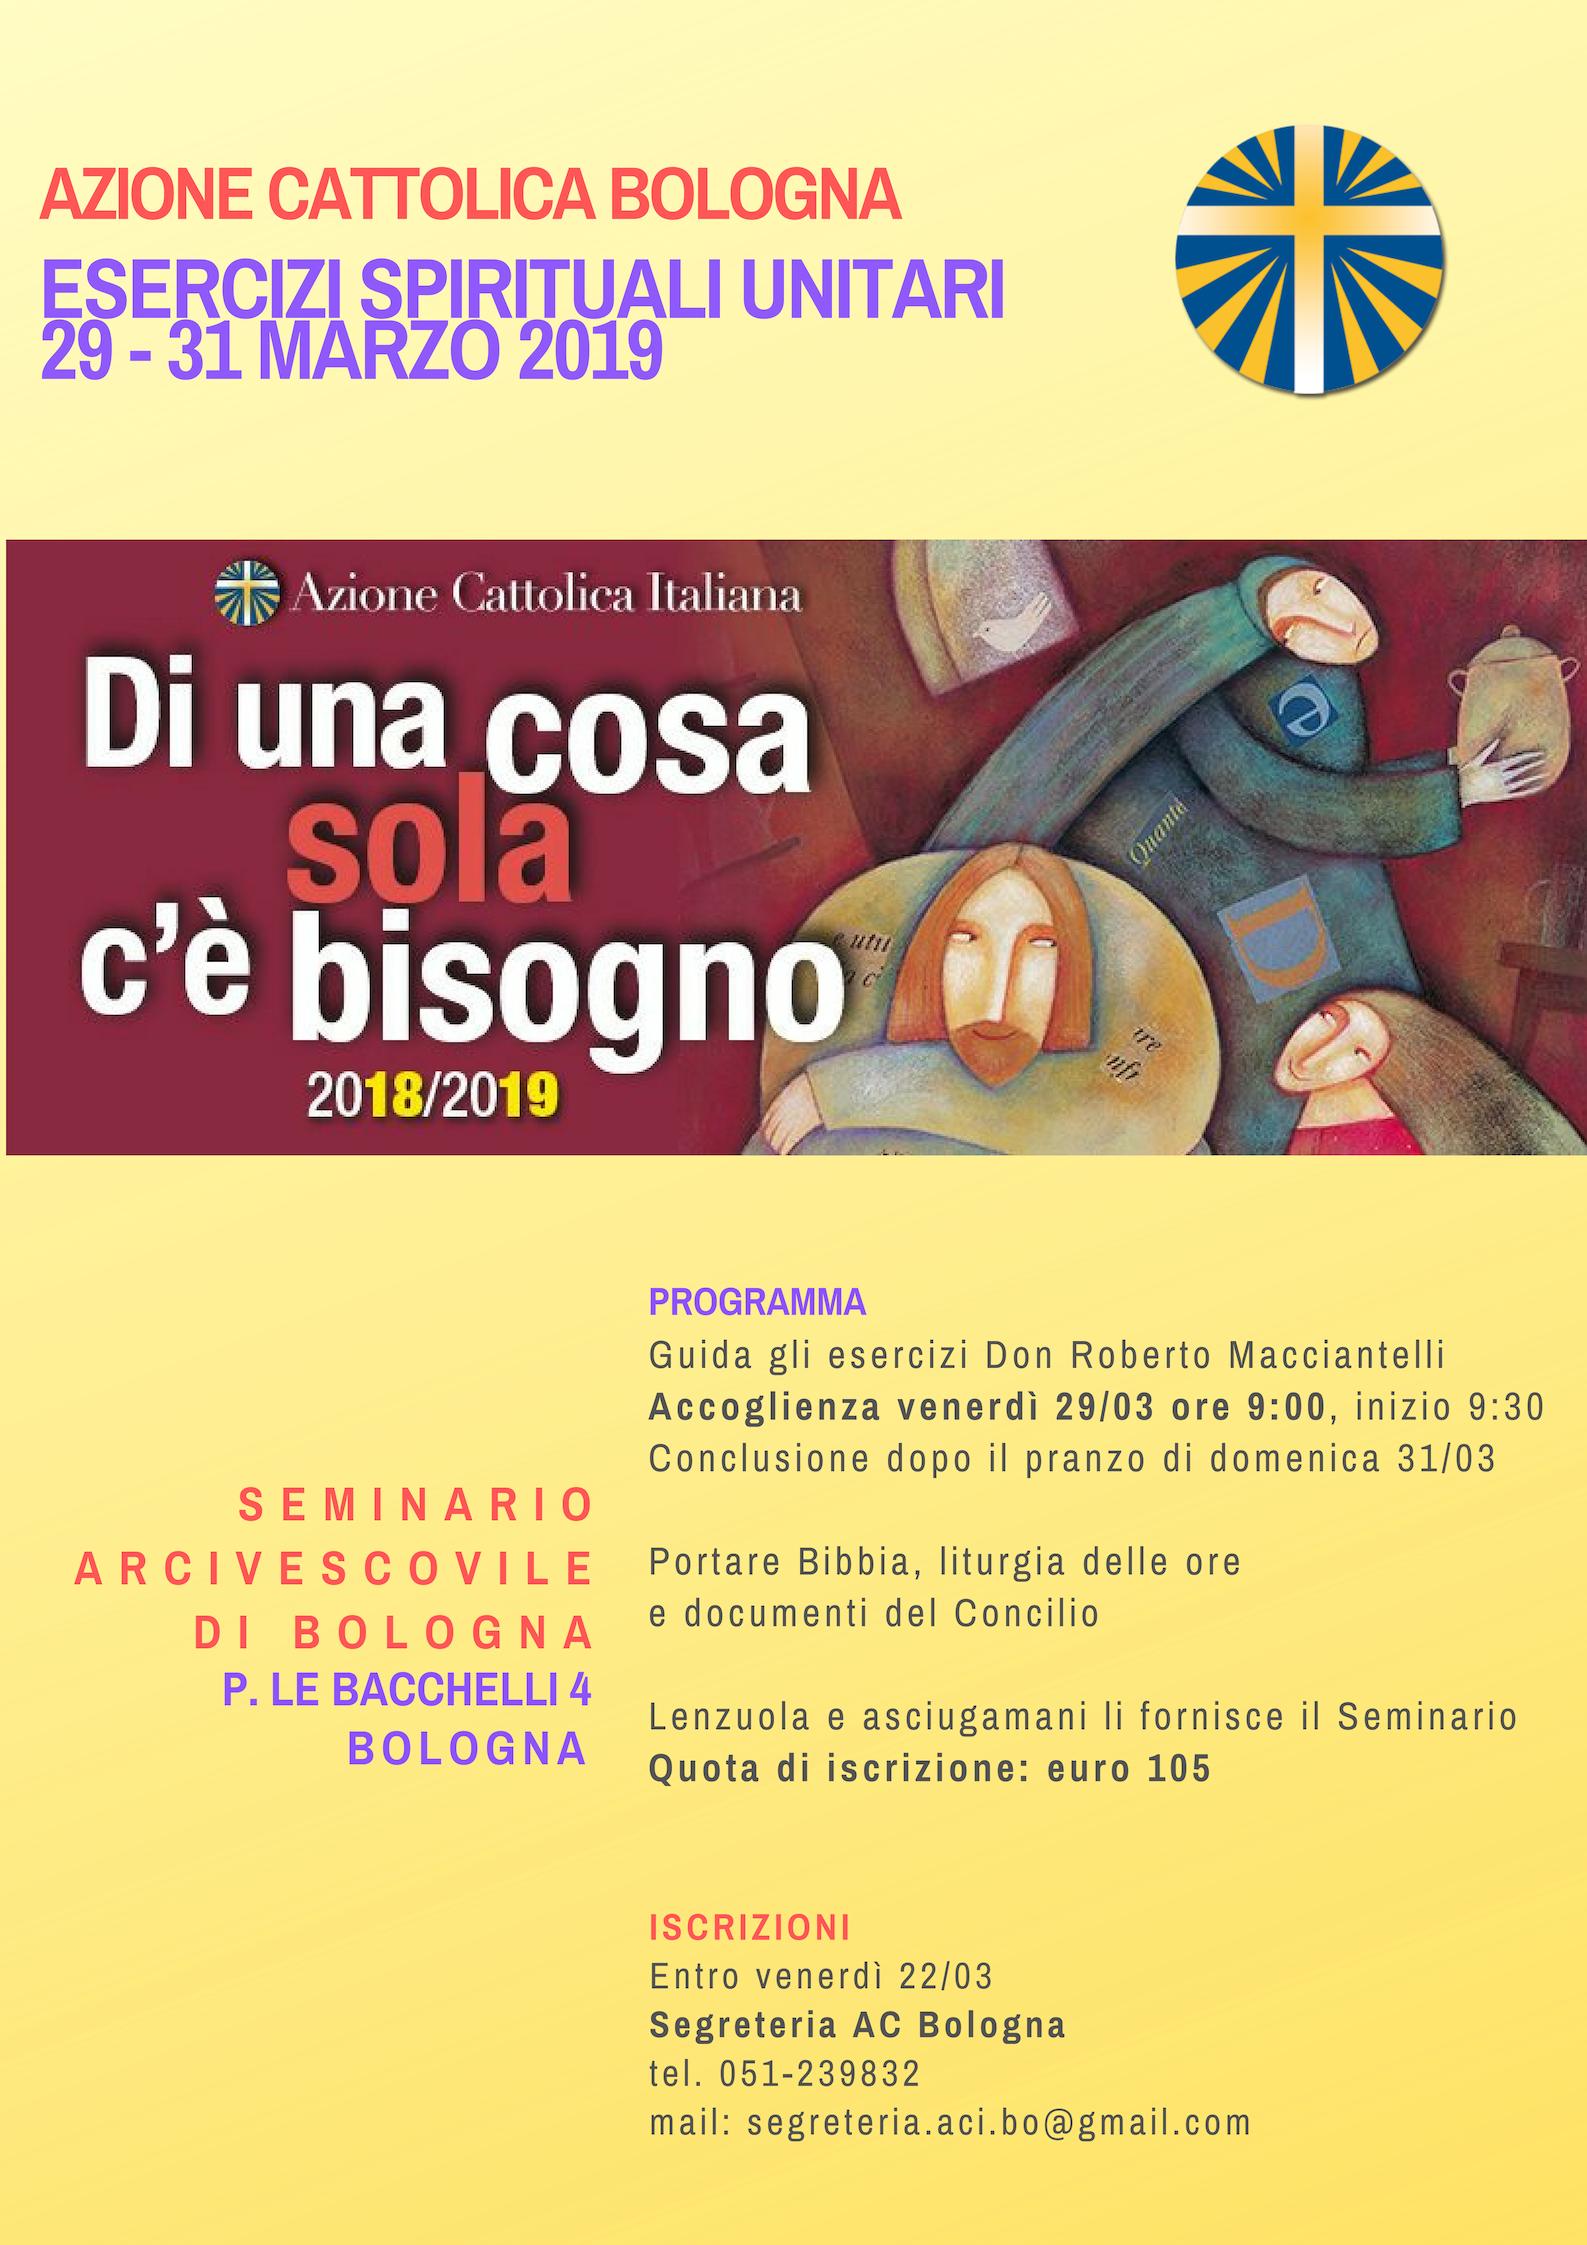 Esercizi spirituali unitari @ Seminario Arcivescovile